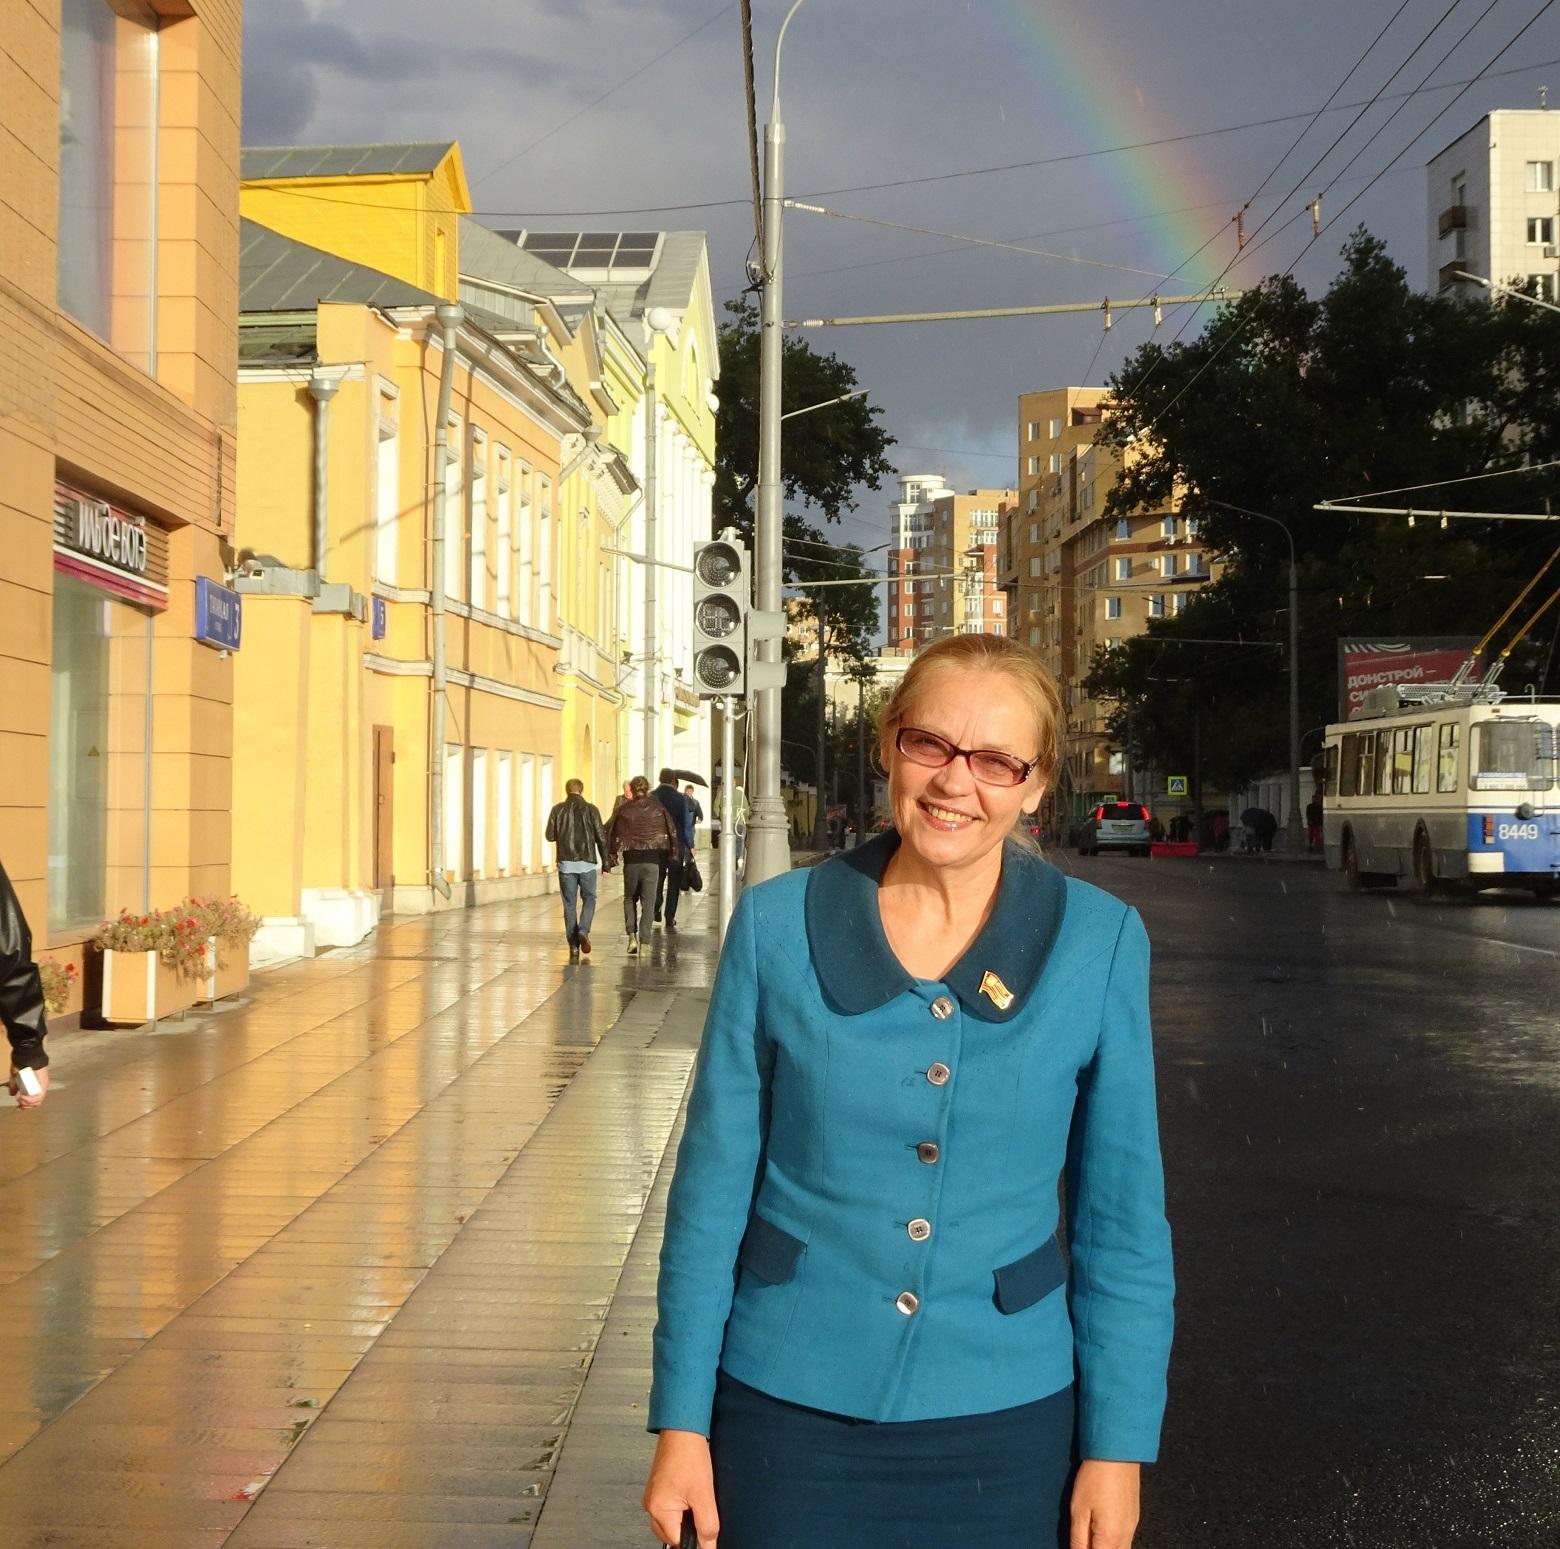 Депутат Елена Шувалова на Таганской улице в Москве